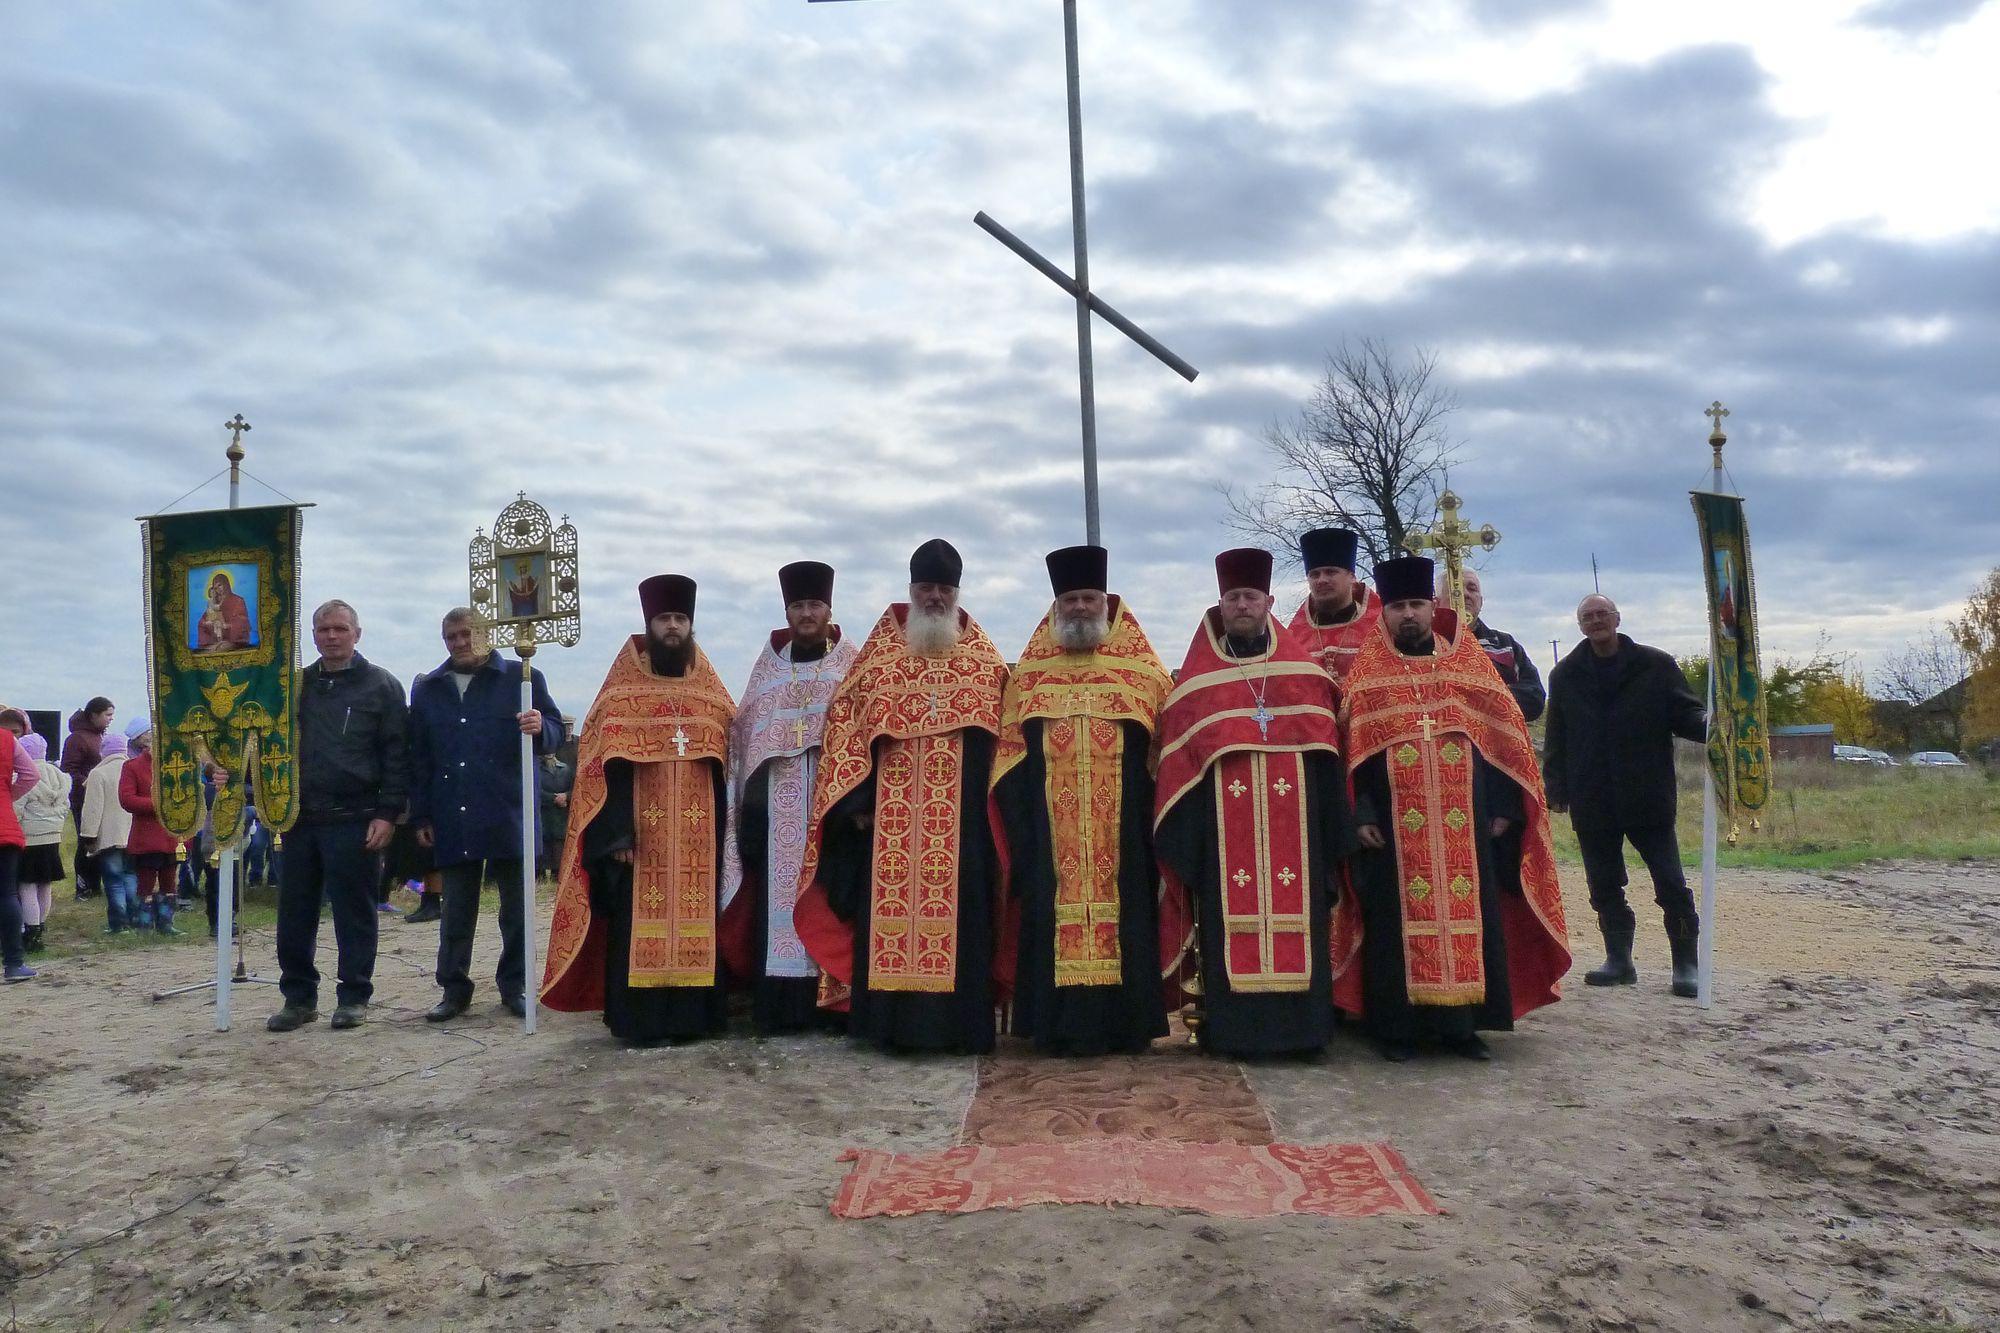 У Козарах на місці масового спалення селян встановили й освятили хрест (Фото)